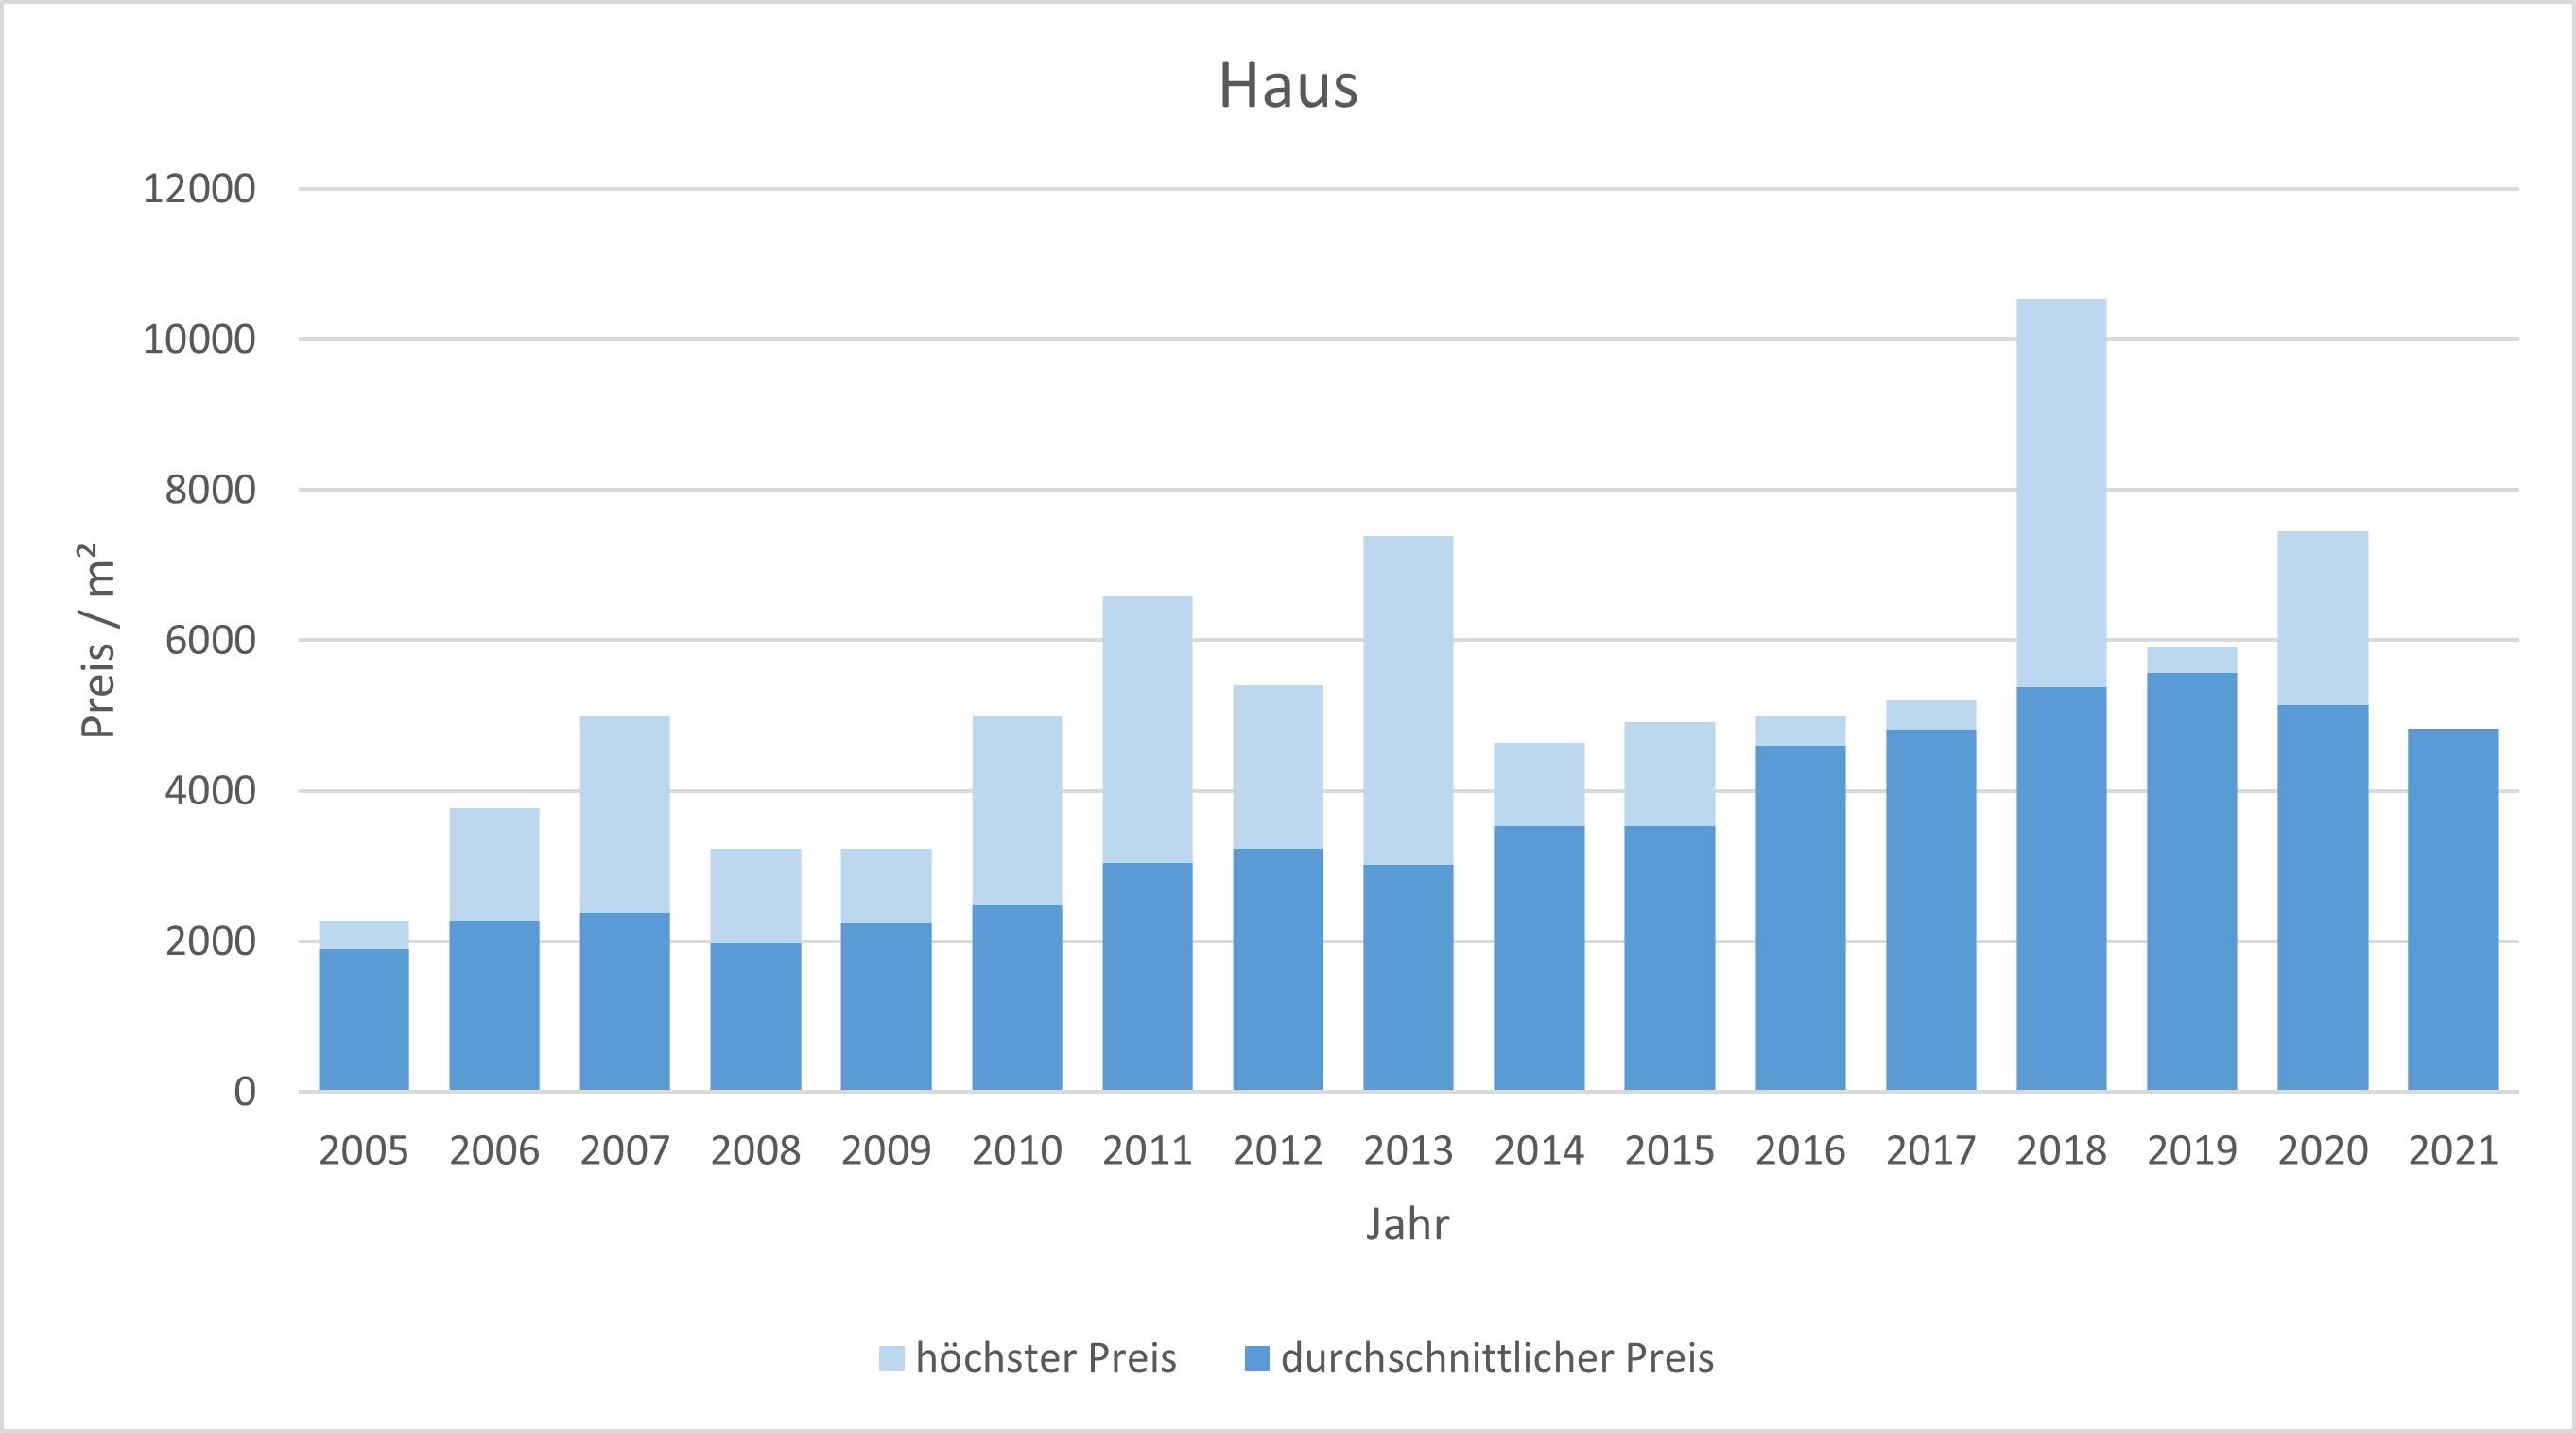 Bayrischzell makler haus kaufen verkaufen preis bewertung www.happy-immo.de 2019, 2020, 2021